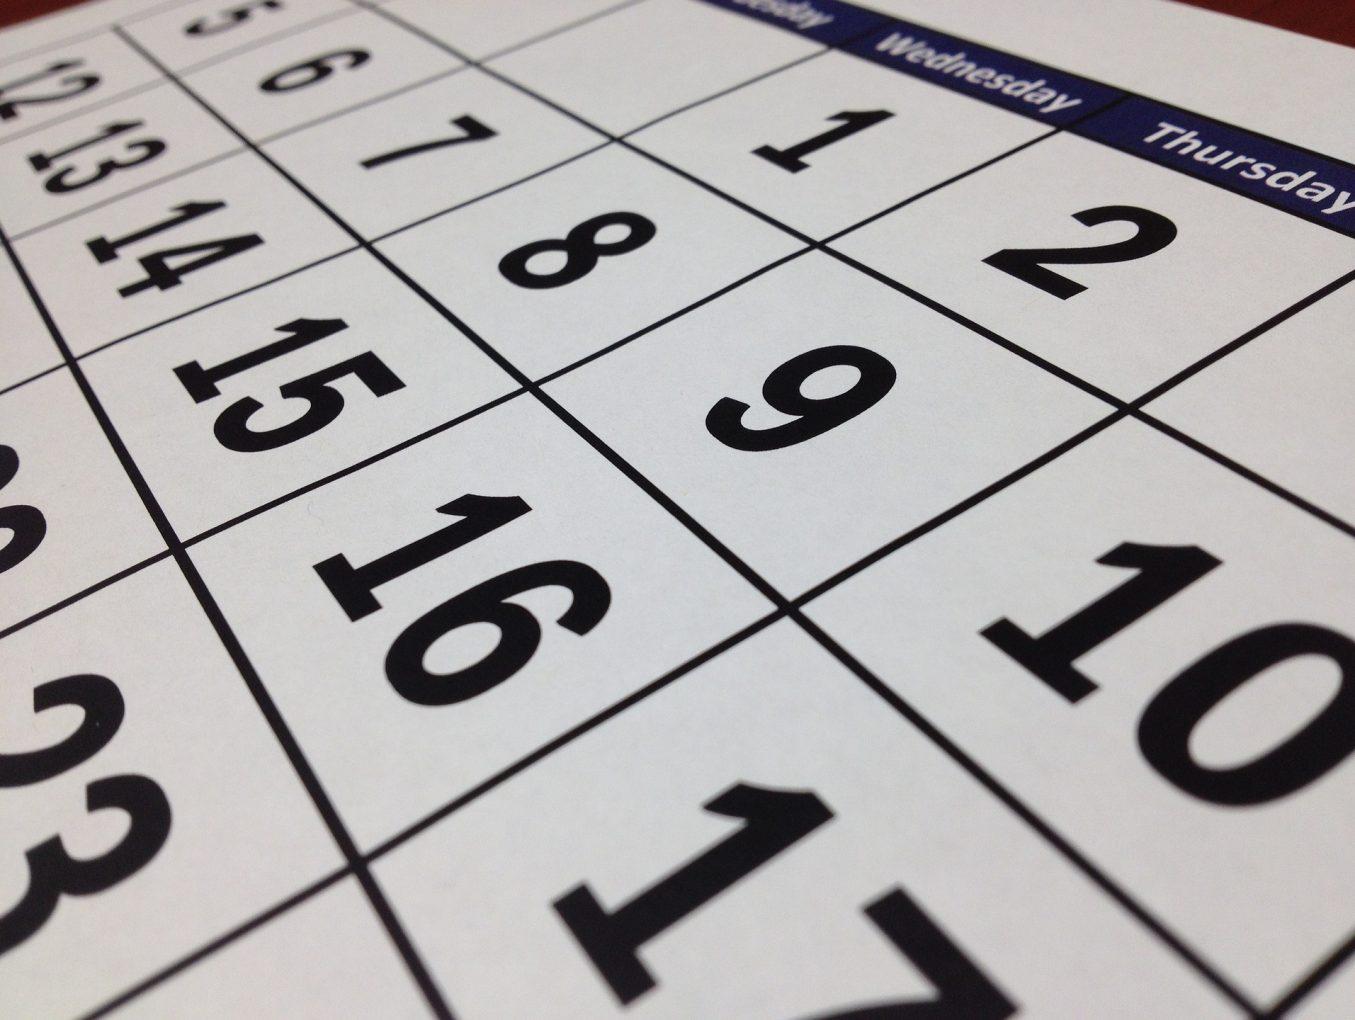 Kalendarze na rok 2017 naszej fundacji